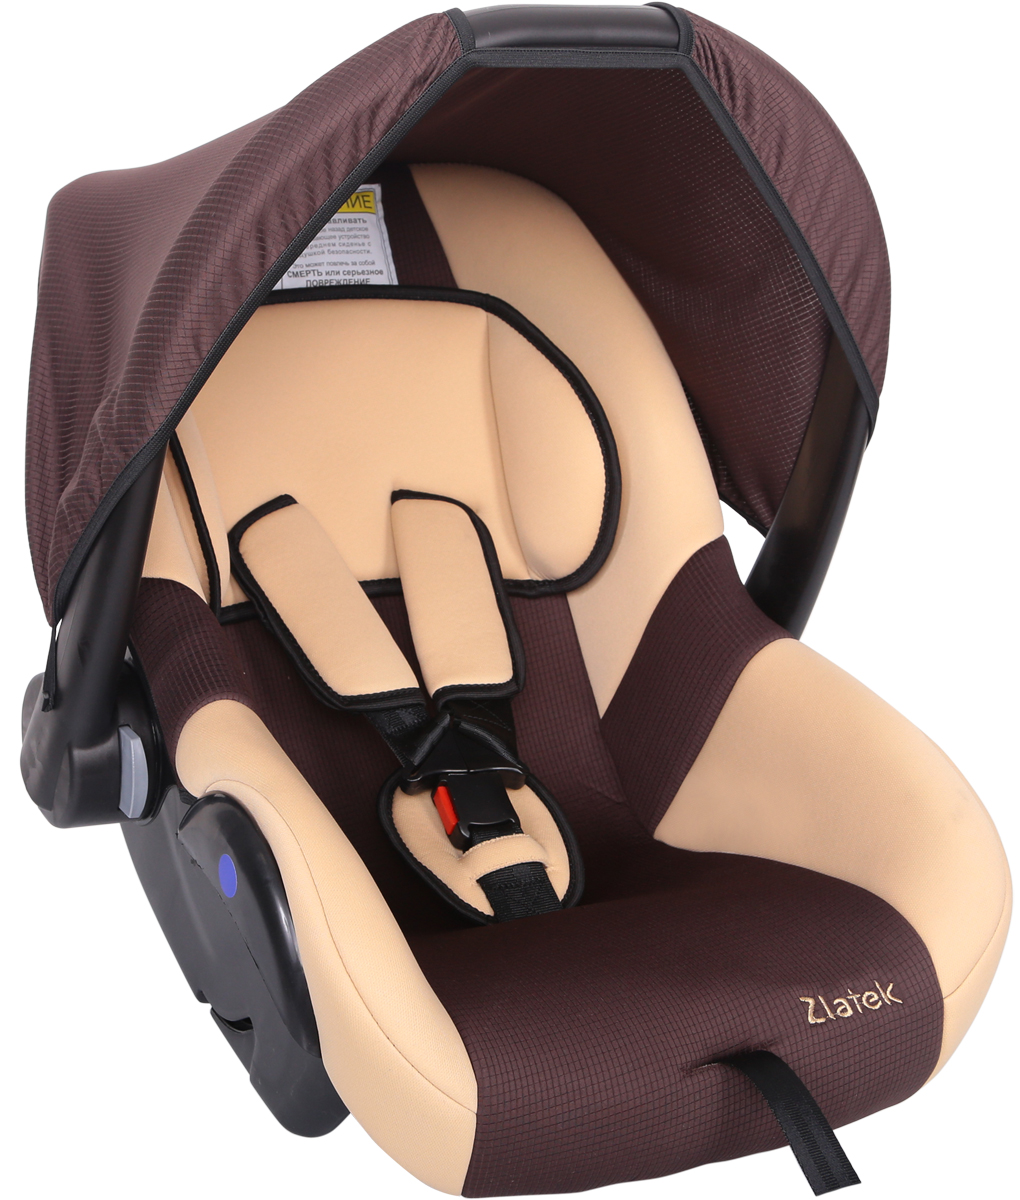 Zlatek Автокресло Colibri цвет коричневыйКРЕС0181Детское автомобильное кресло Zlatek «Colibri», для детей от рождения до полутора лет, весом до 13 кг. Относится к возрастной группе 0, 0+.Мягкий вкладыш-подголовник обеспечивает дополнительный комфорт во время поездки. Съемный капюшон защищает ребенка от солнца, а удобная ручка позволяет без лишних усилий переносить ребенка, как в обычной люльке. Ярко выраженная боковая защита позволяет повысить уровень безопасности при боковых ударах.Детские удерживающие устройства Zletek разработаны и сделаны в России с учетом анатомии детей. Двухпозиционная регулировка внутренних ремней позволяет адаптировать кресло Zlatek «Colibri» под зимнюю и летнюю одежду ребенка. Автокресло успешно прошло все необходимые краш-тесты и имеет сертификат соответствия техническому регламенту РФ и таможенному союзу.Автокресло Zlatek «Colibri» упаковано в защитную полиэтиленовую пленку.